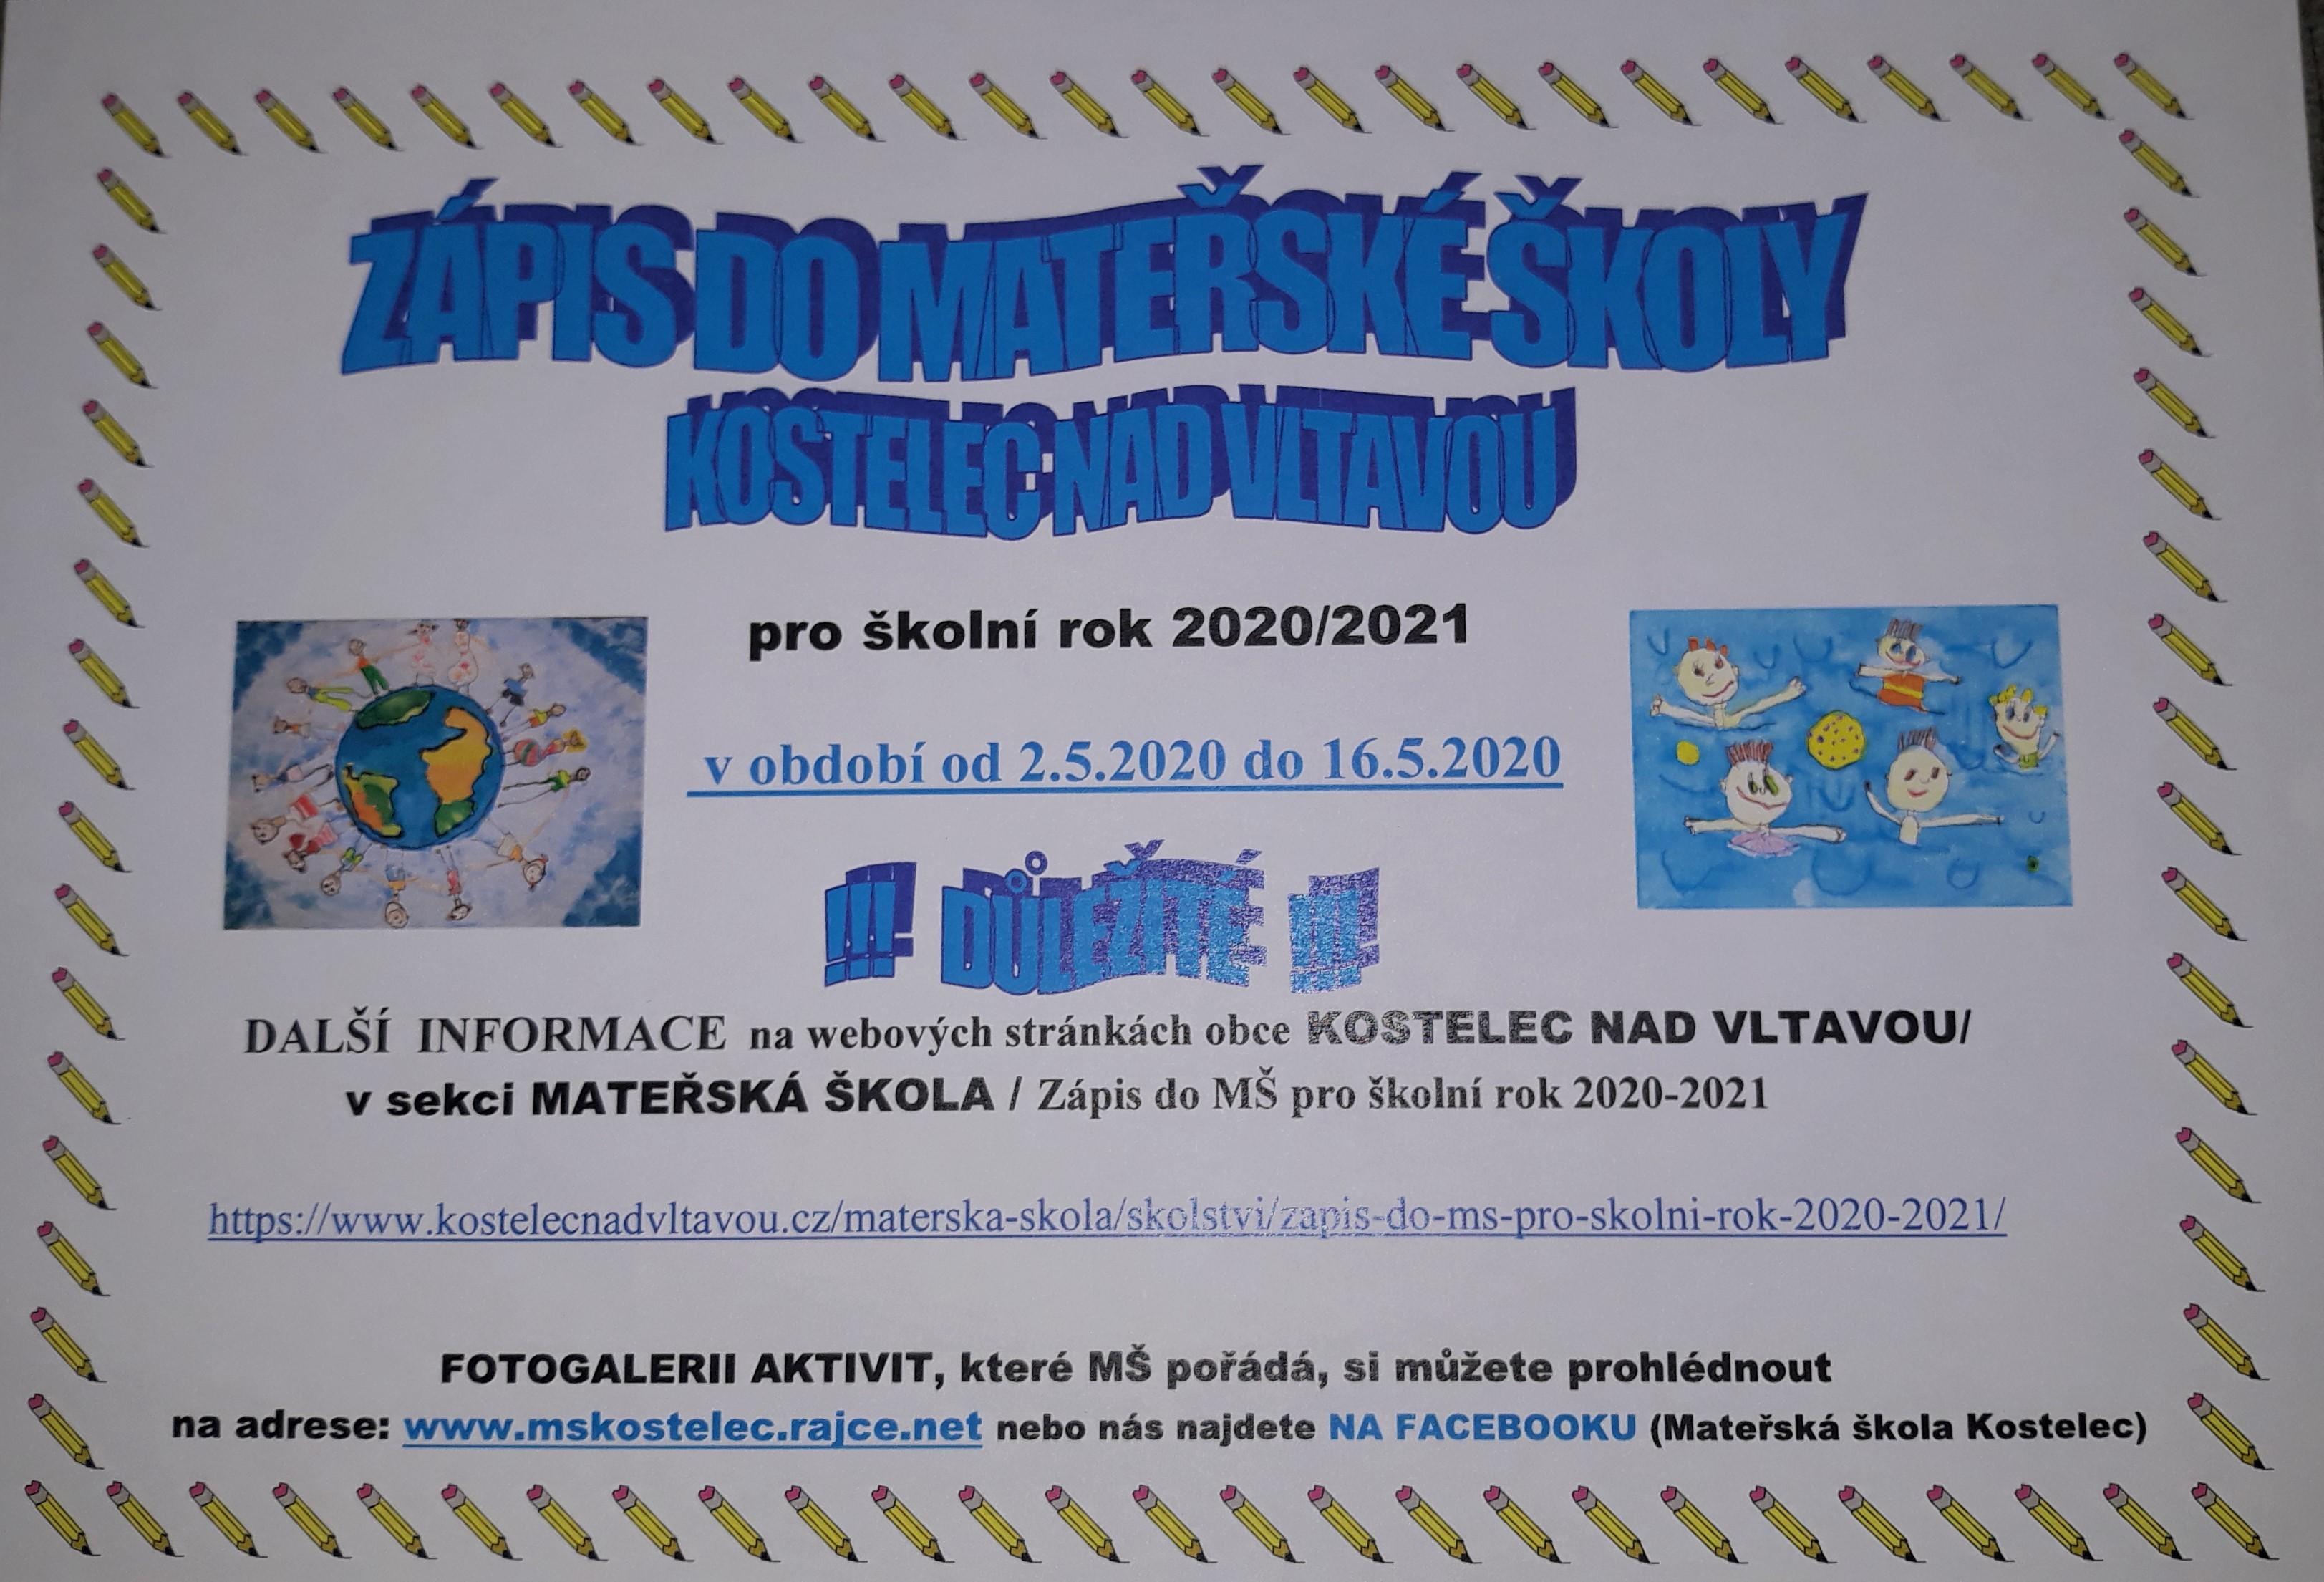 Zápis dětí do Mateřské školy Kostelec nad Vltavou